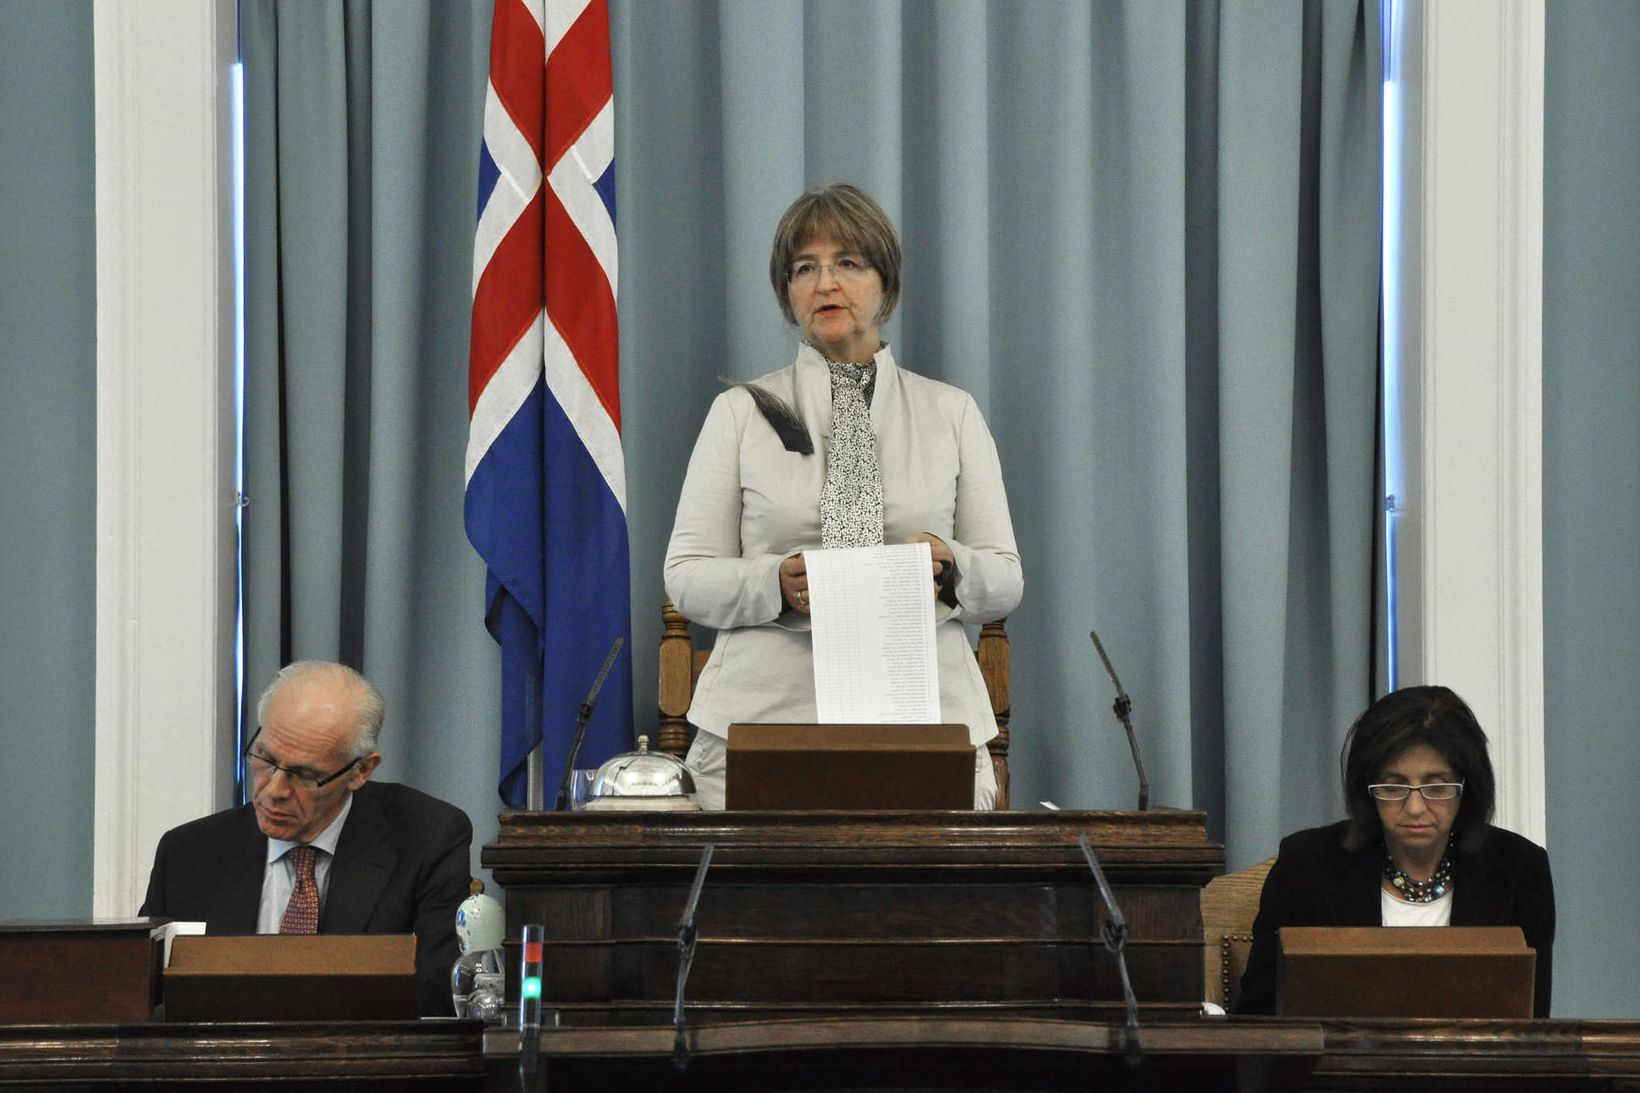 Ásta Ragnheiður Jóhannesdóttir var forseti Alþingis 2009-2013.